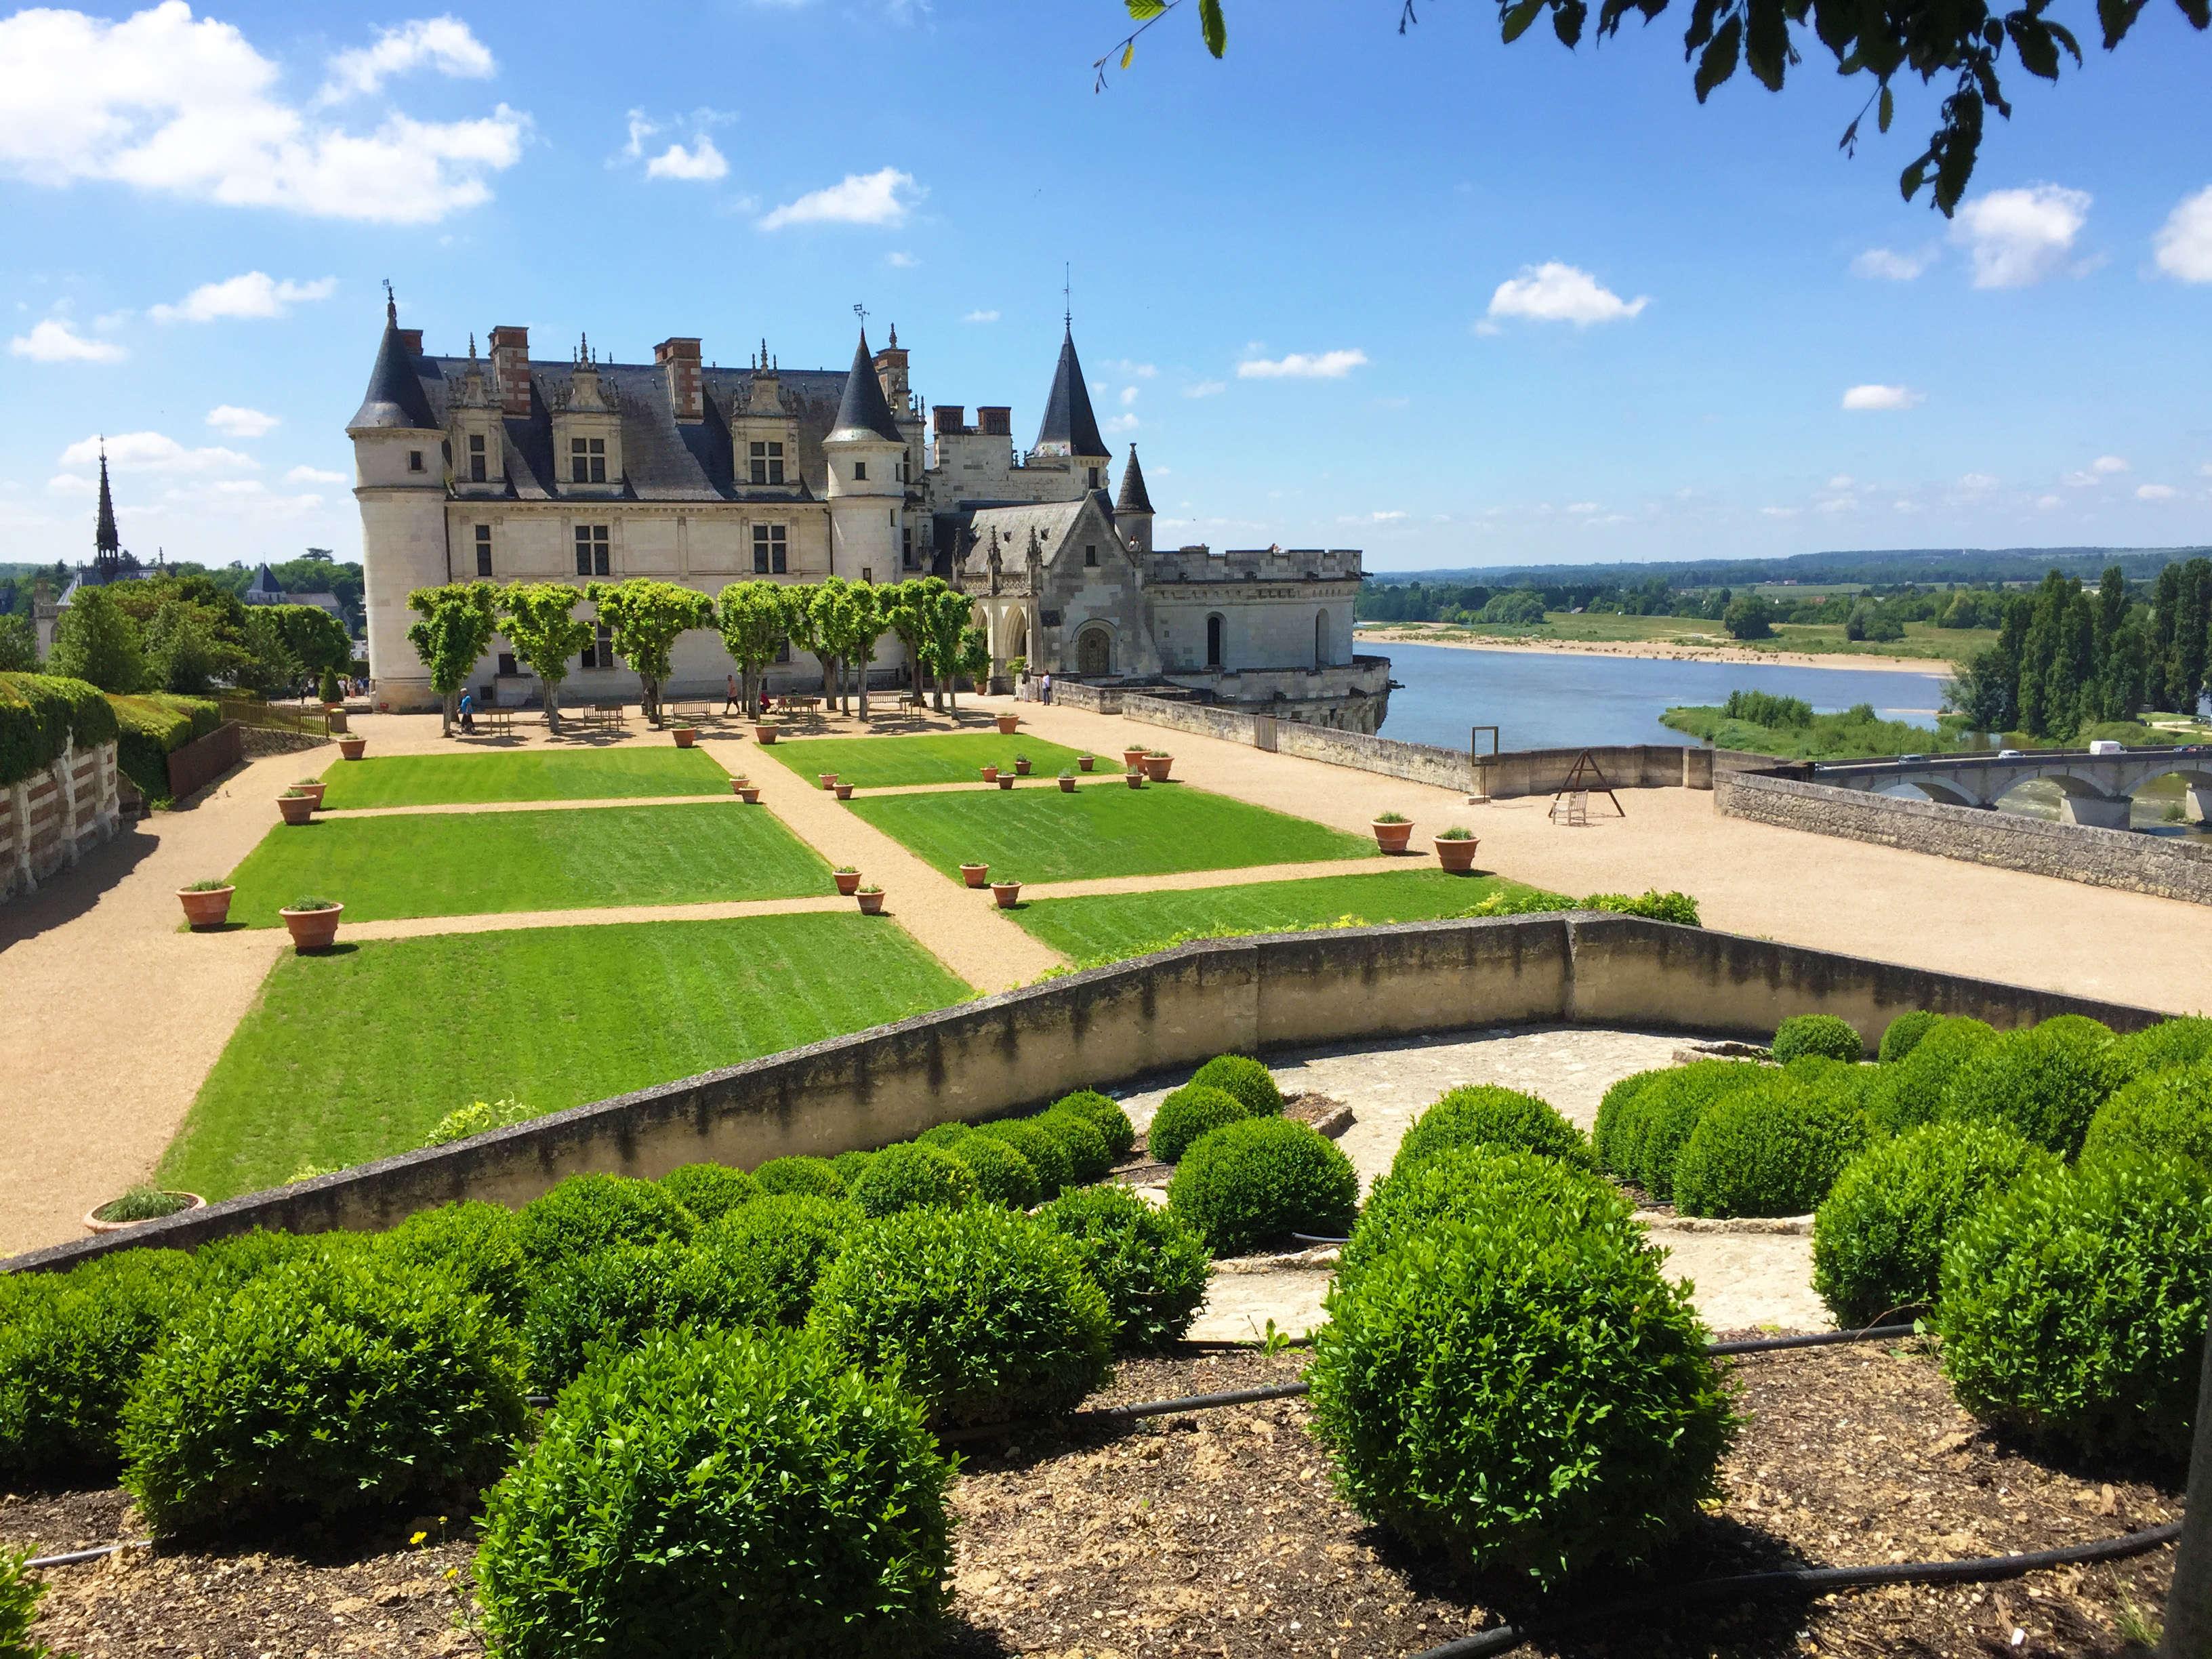 Un jardin de naples au ch teau d amboise for Au jardin des malentendus